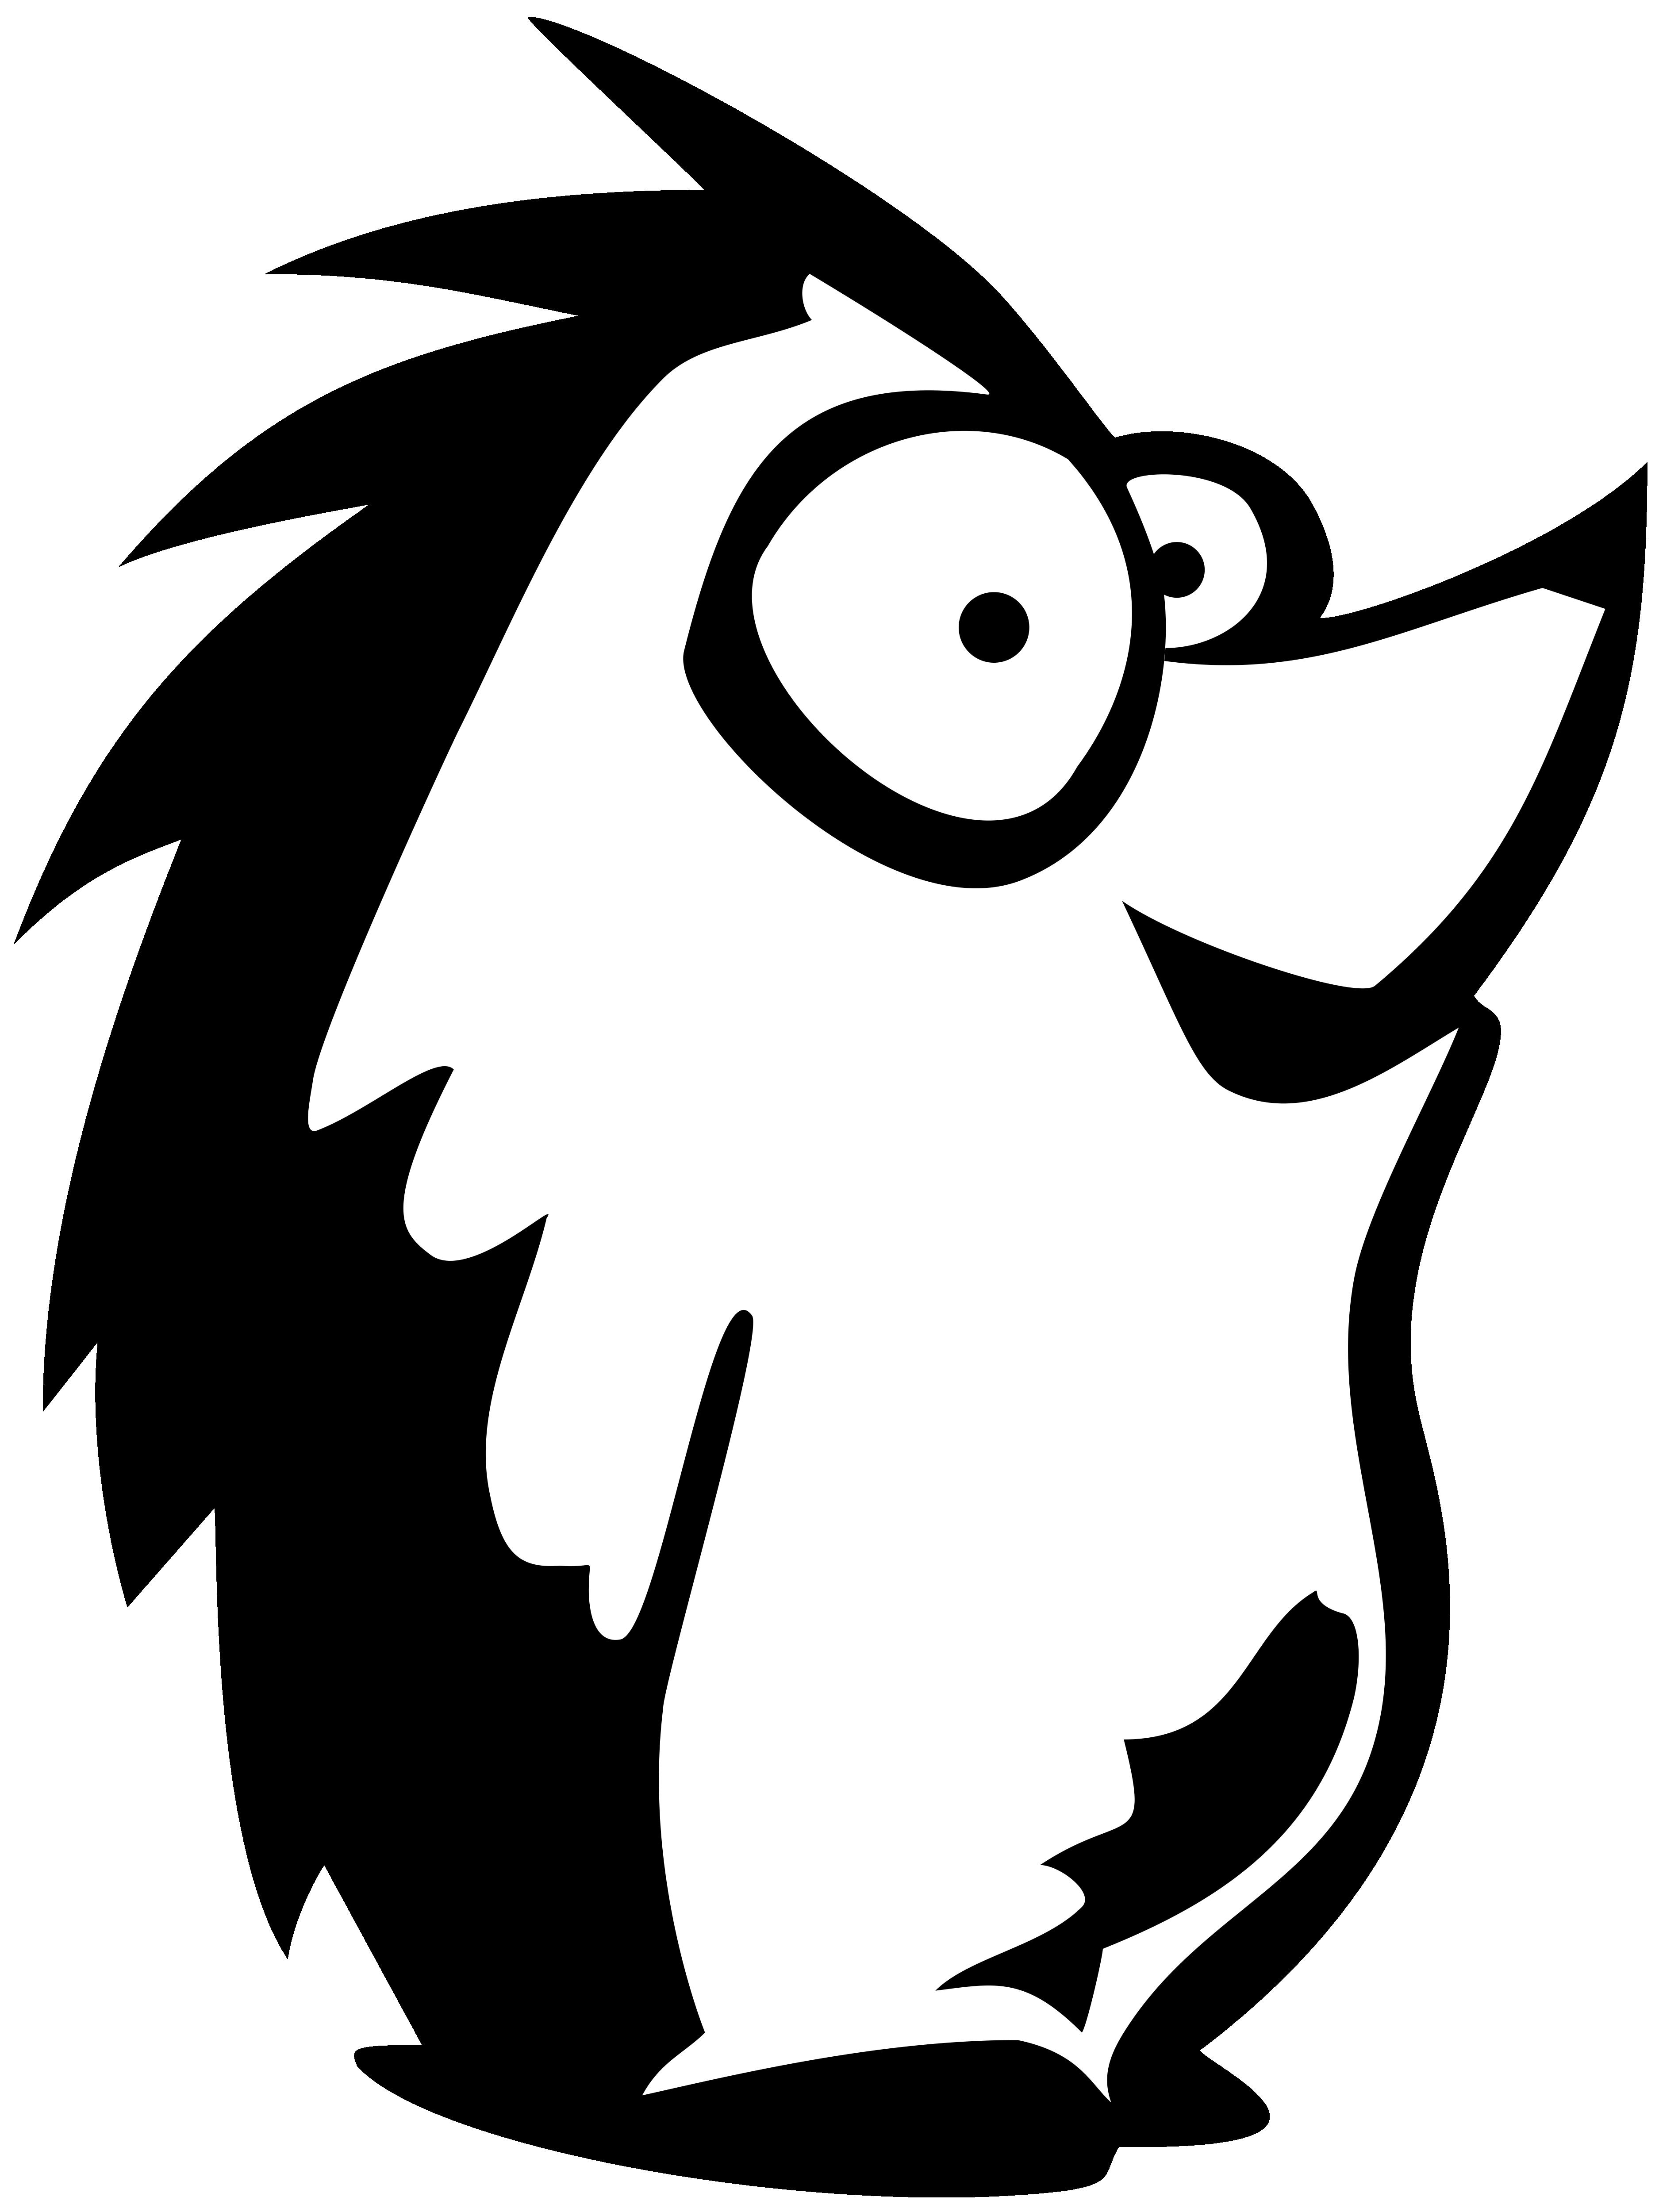 Der Igel als SVG, PNG, oder UFO PlusPng.com  - PNG Igel